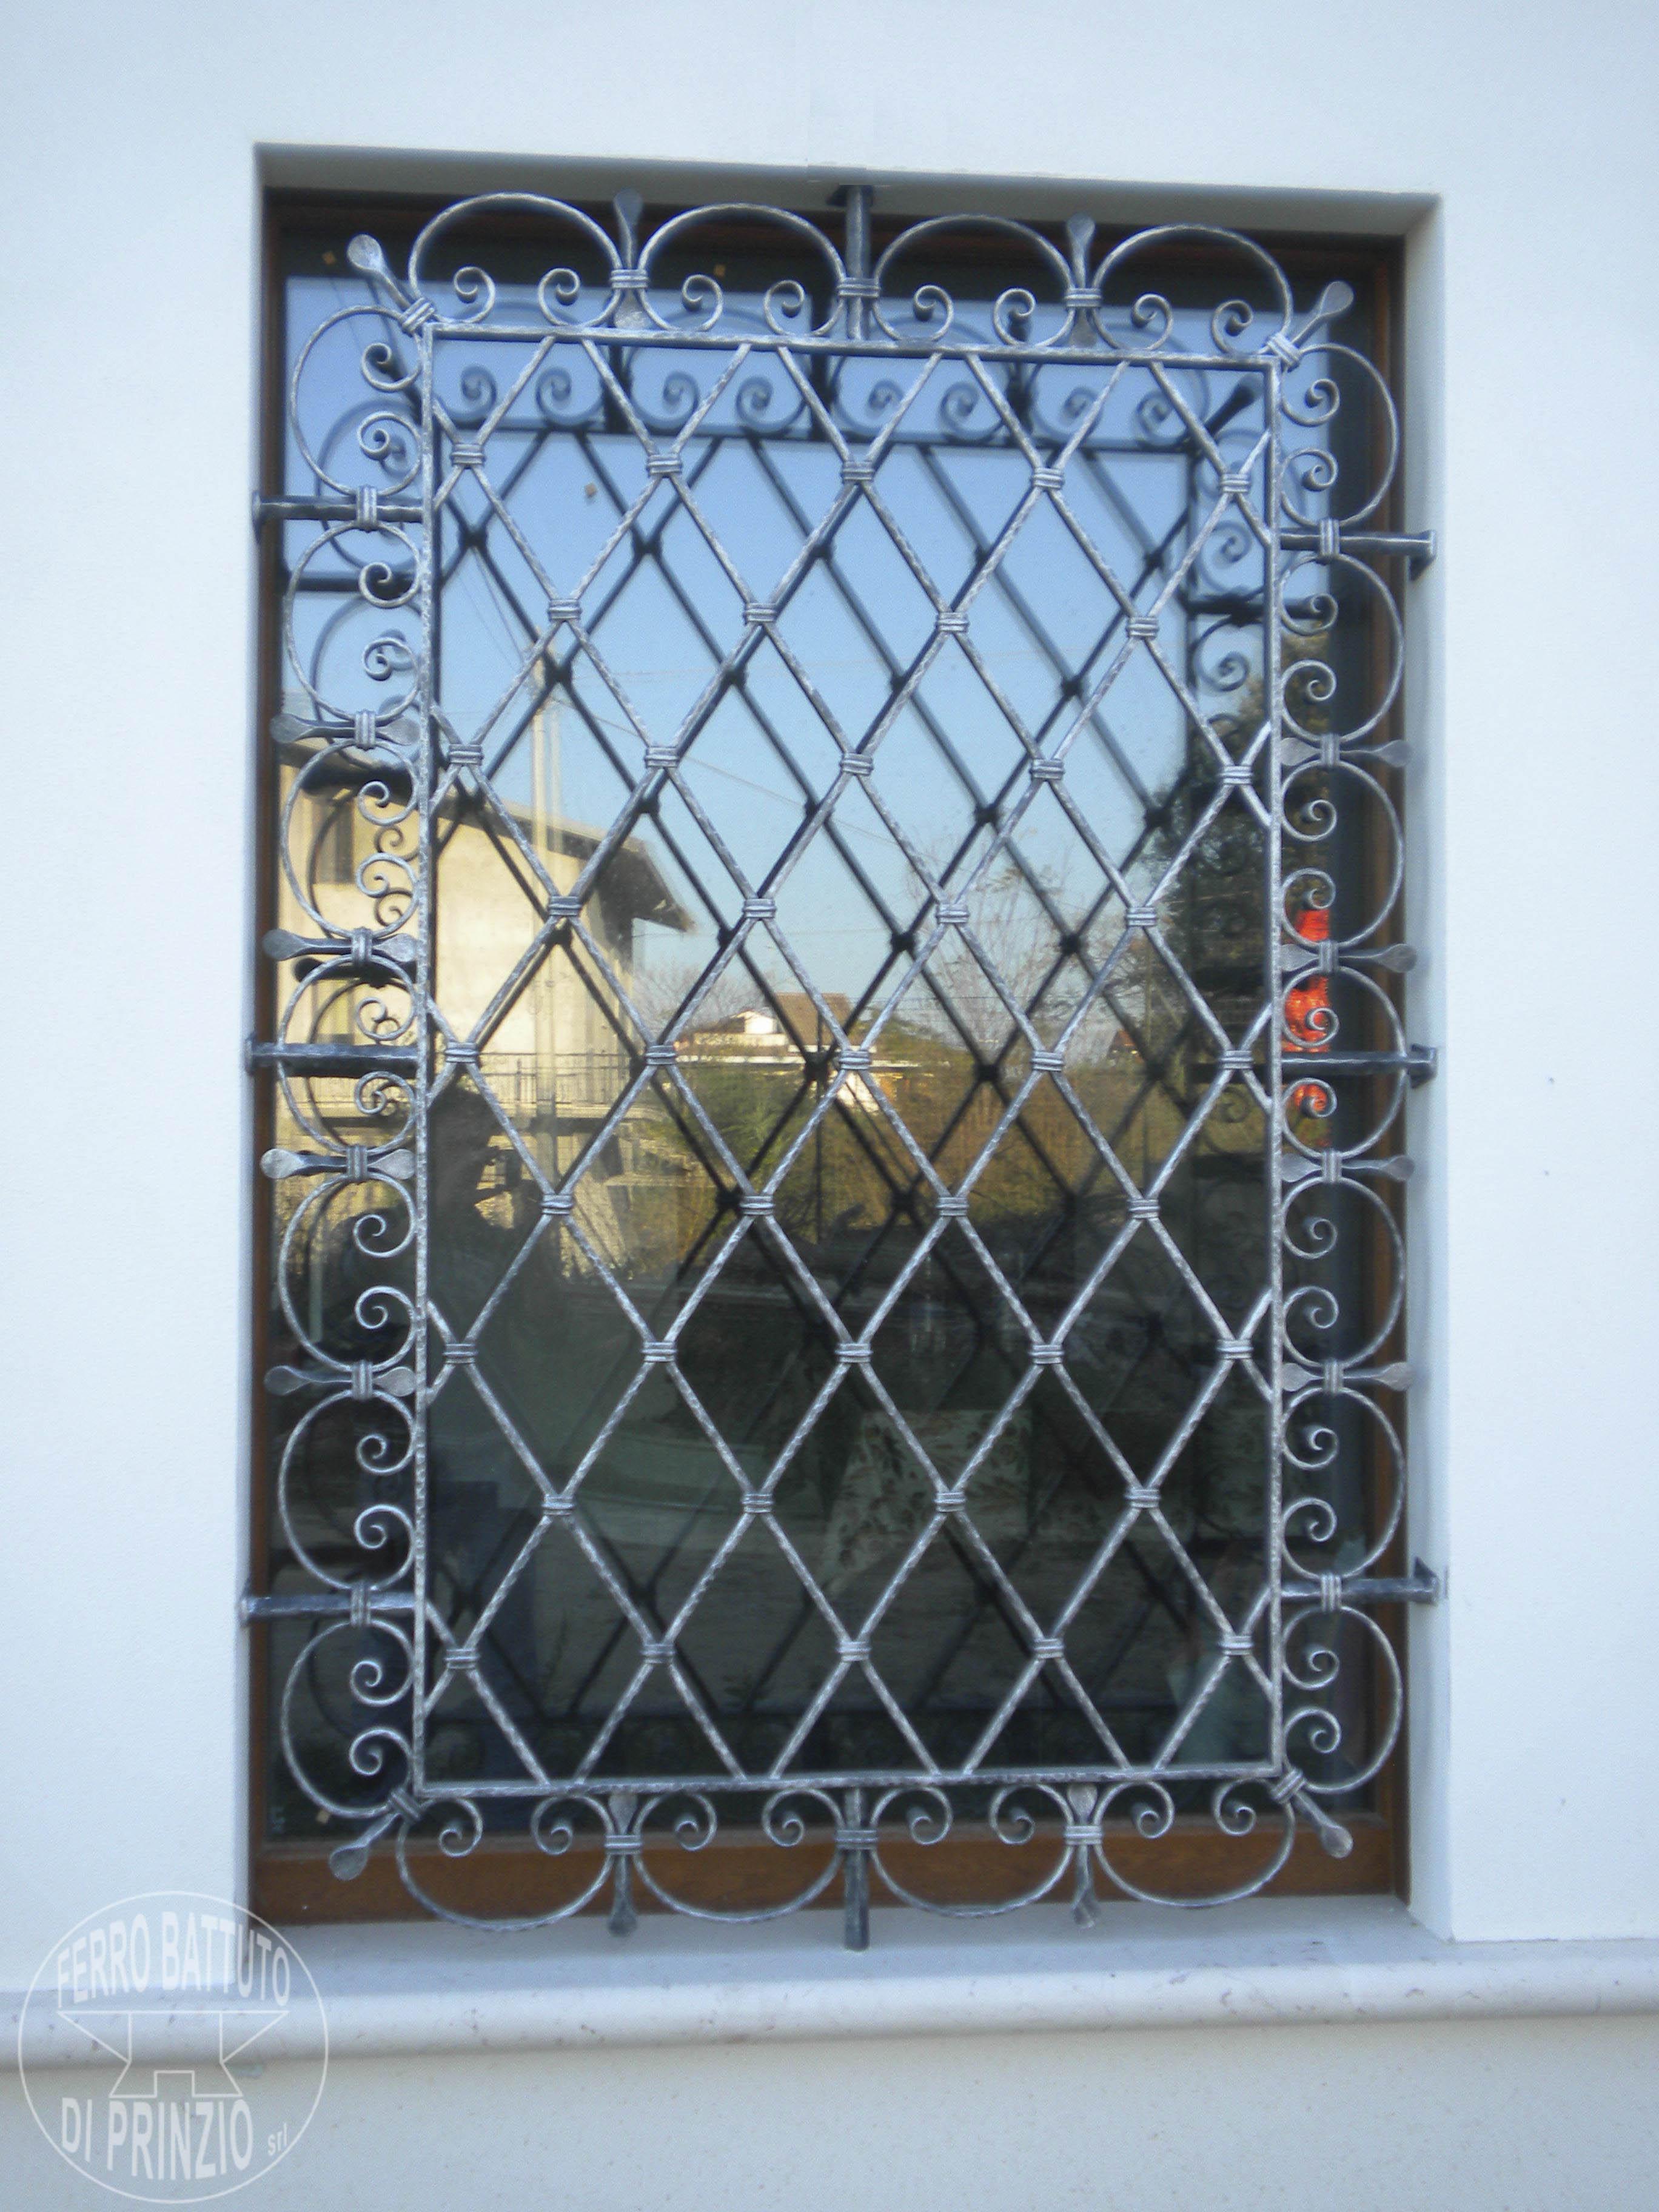 Realizzazione grate e protezioni ferro battuto di prinzio italia - Grate in ferro battuto per finestre ...